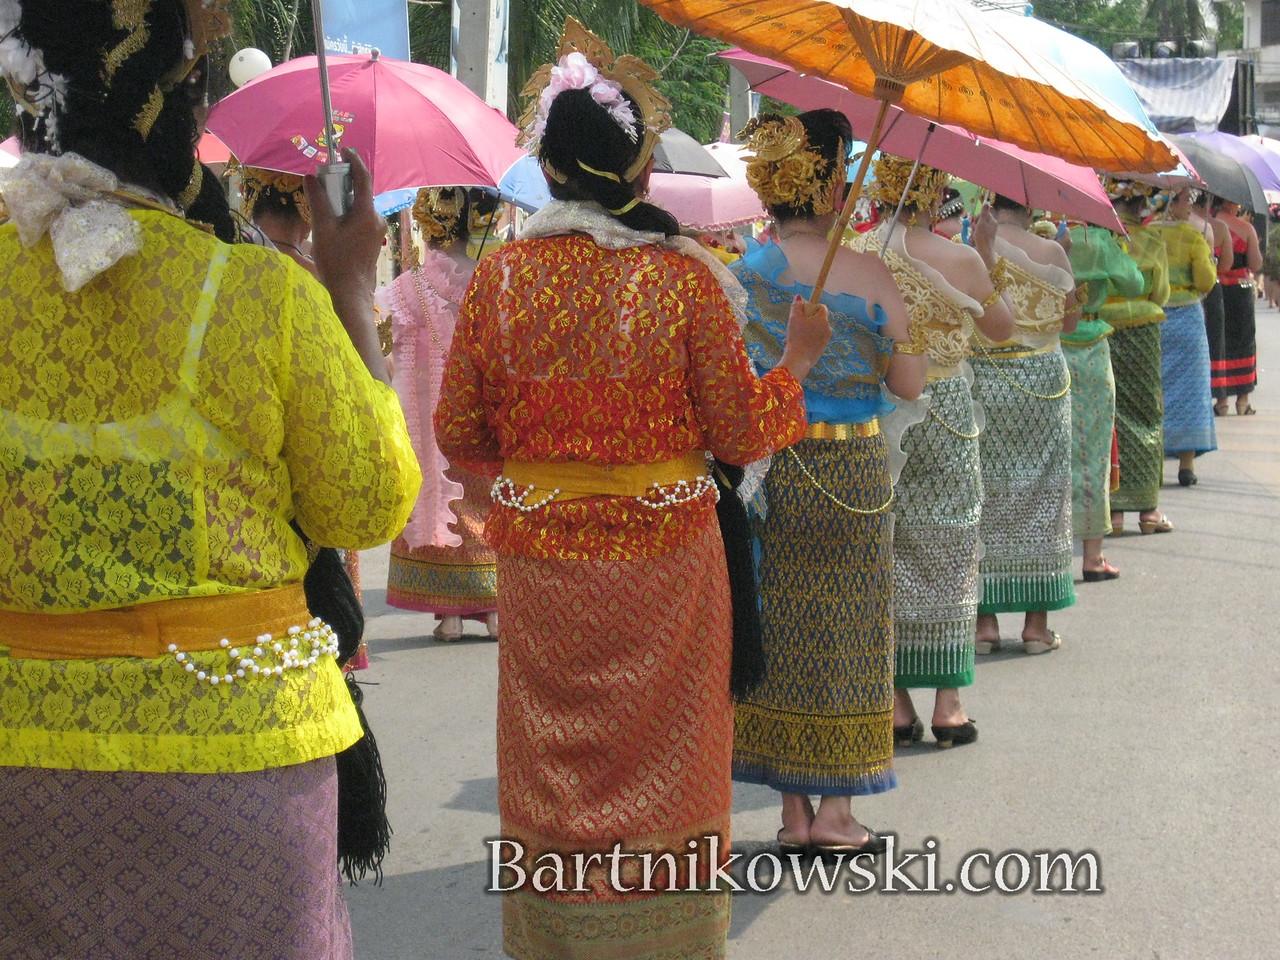 Parade in Loei Thailand